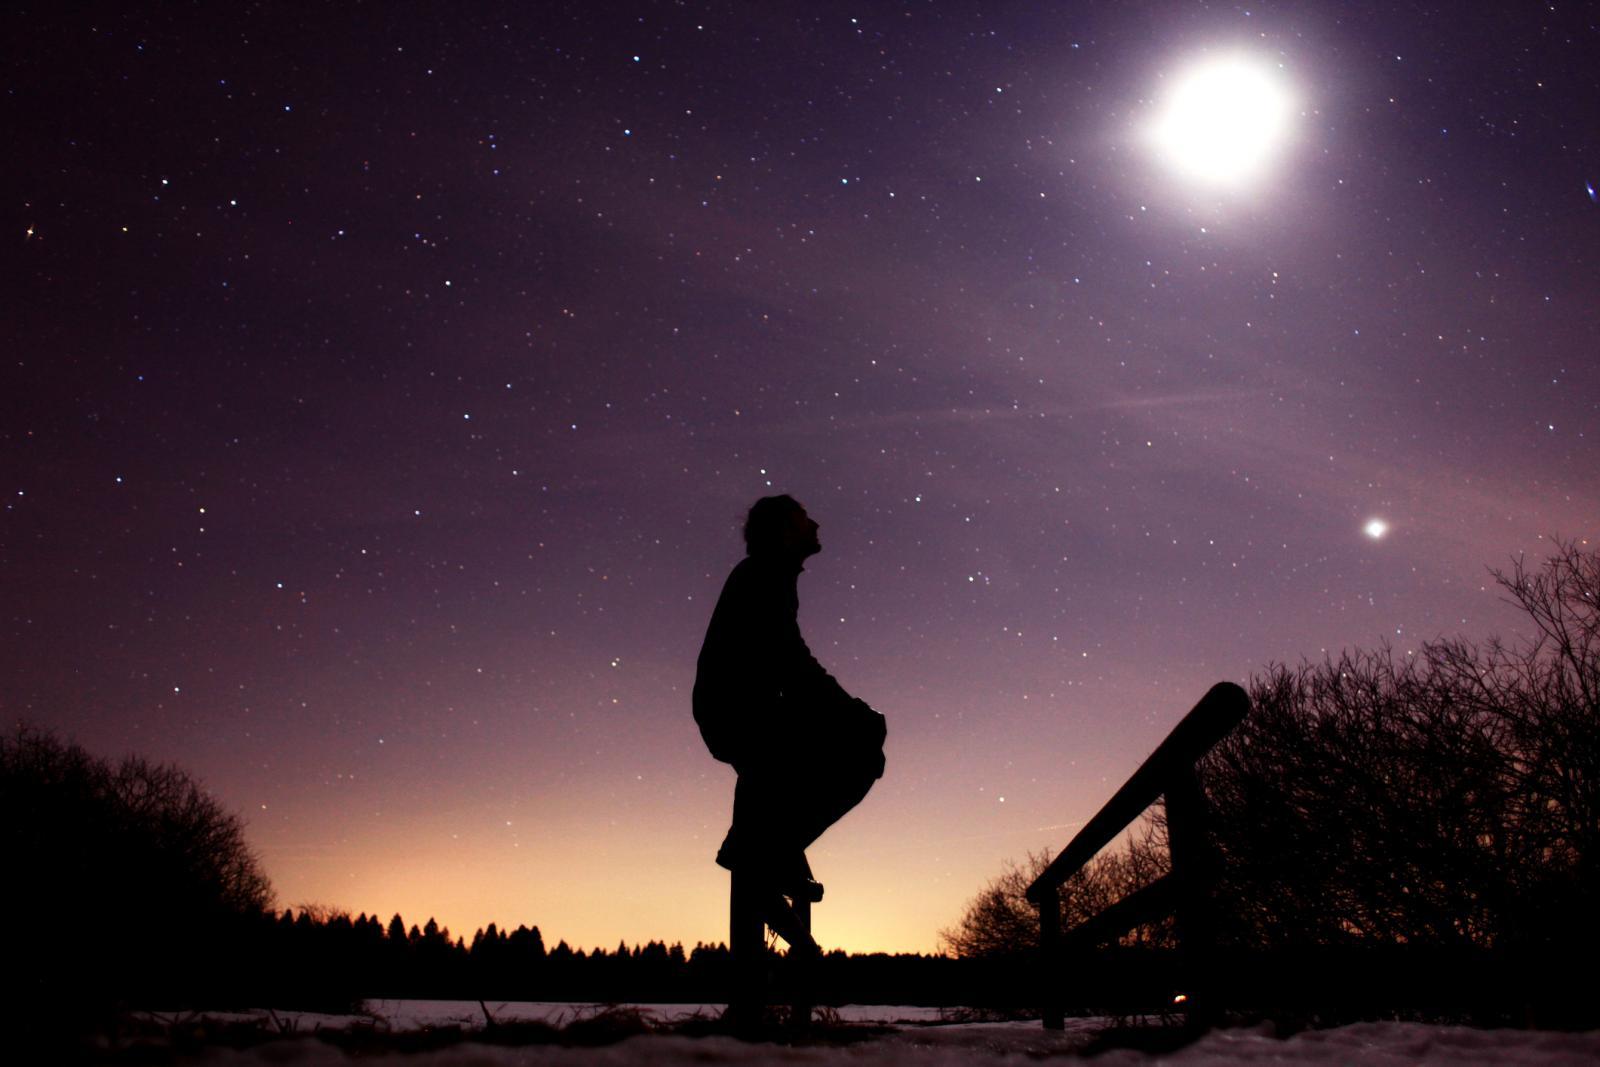 Regarder la lune assis sur le rail d'un petit pont sous un magnifique ciel étoilé